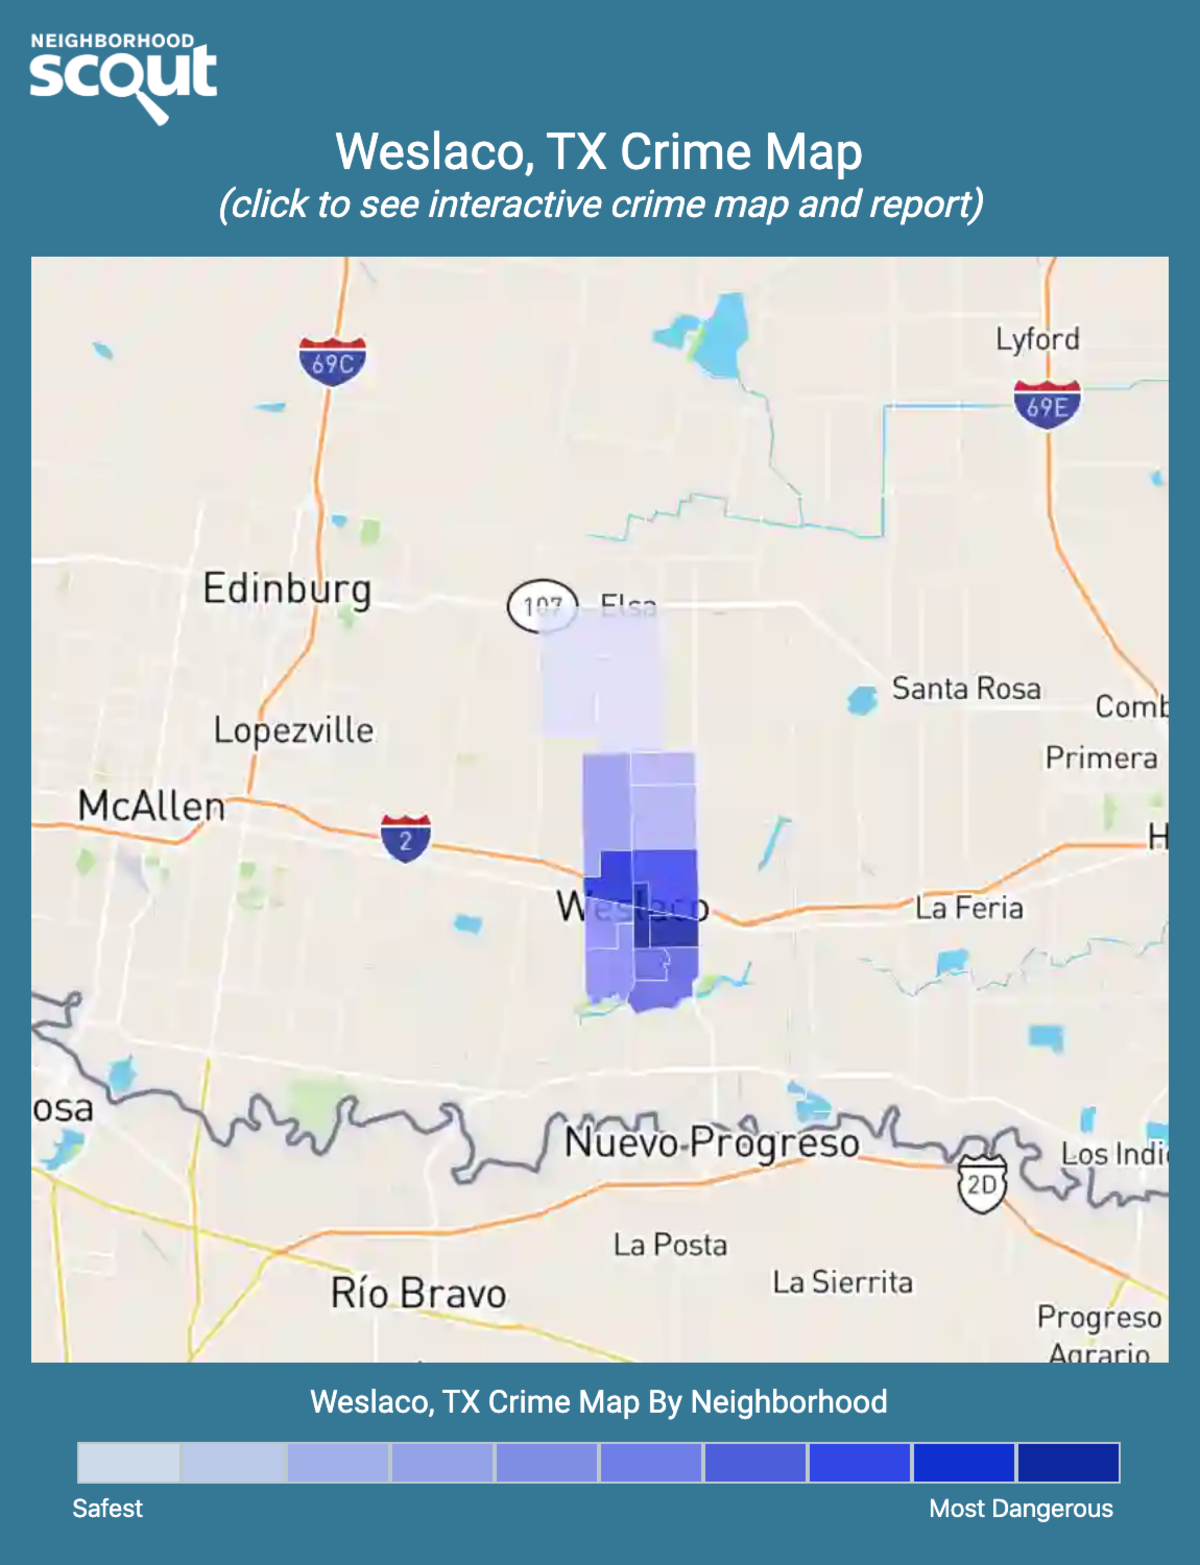 Weslaco, Texas crime map